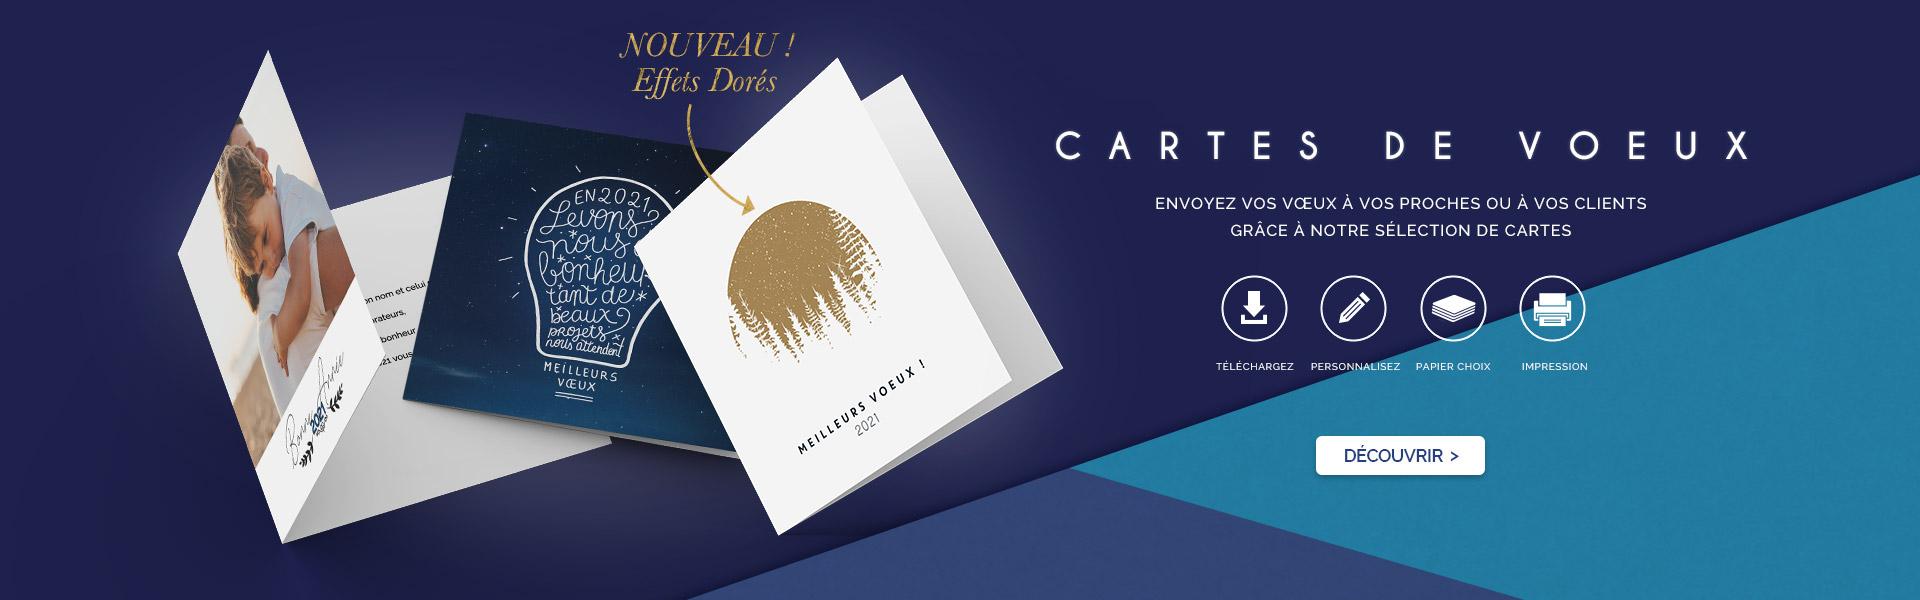 Envoyez vos vœux à vos proches ou à vos clients grâce à notre sélection de carte de voeux